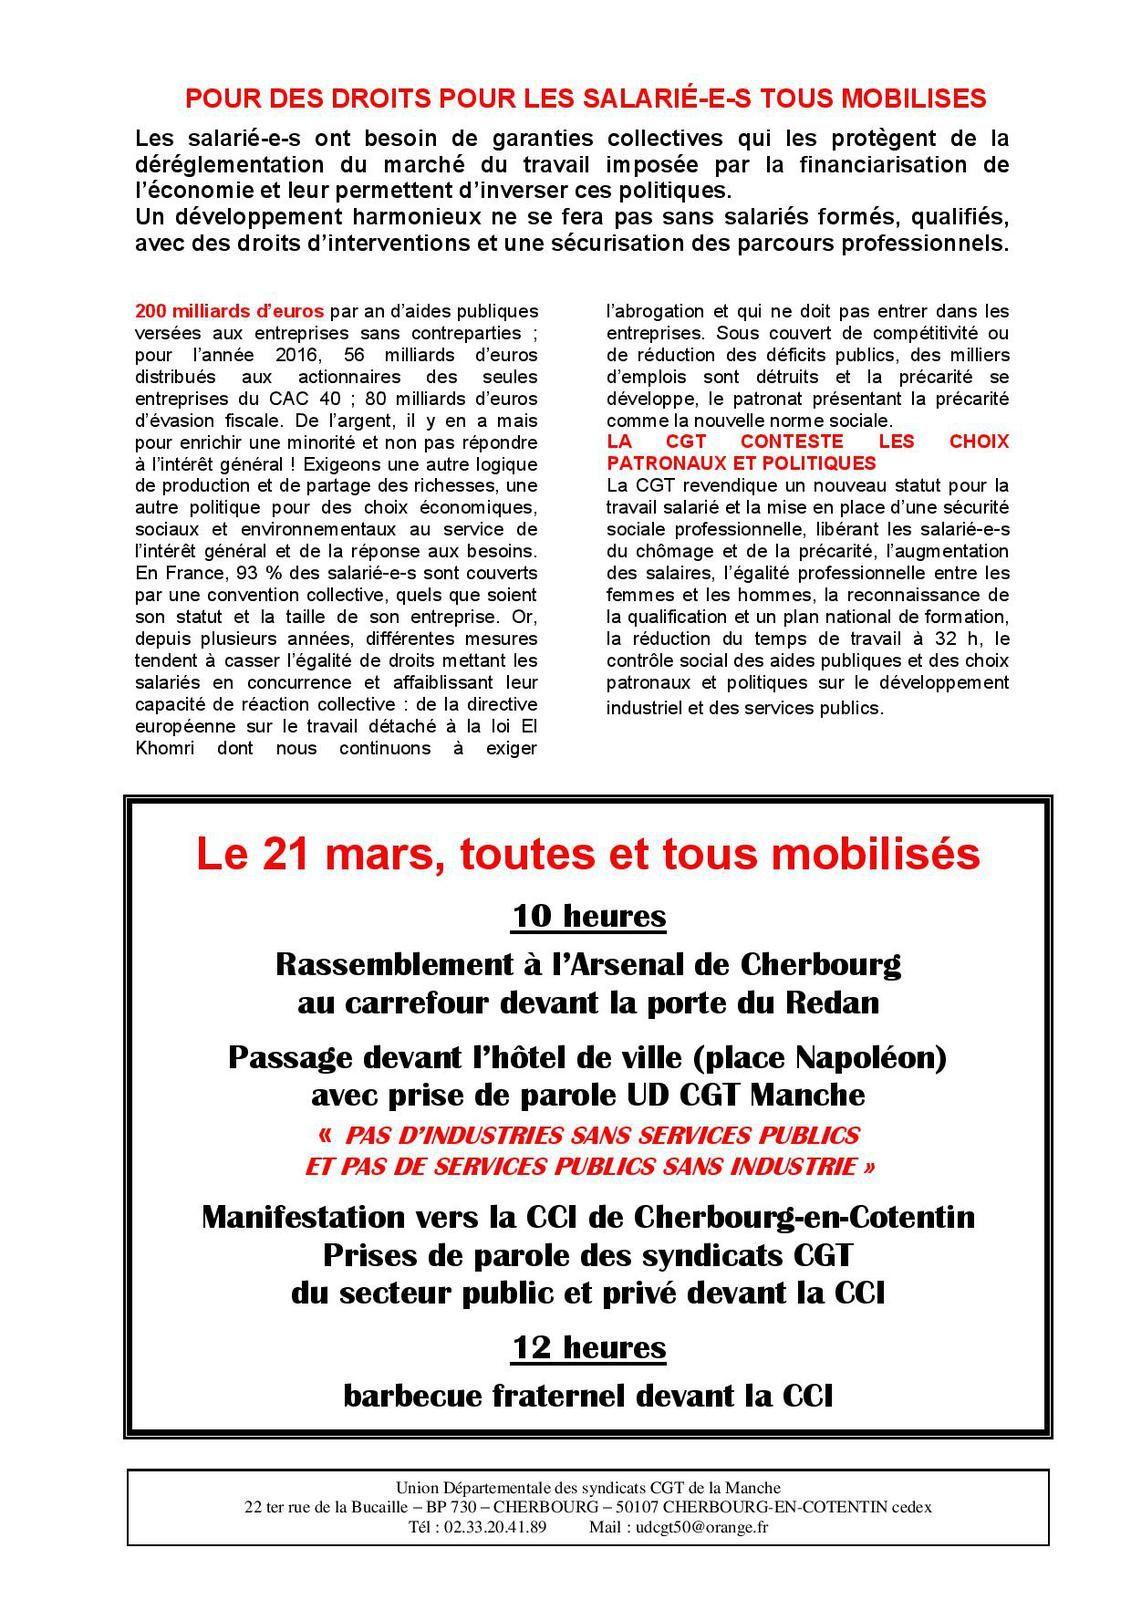 Journée interprofessionnelle de mobilisation départementale le 21mars pour la reconquête de l'industrie et les services publics